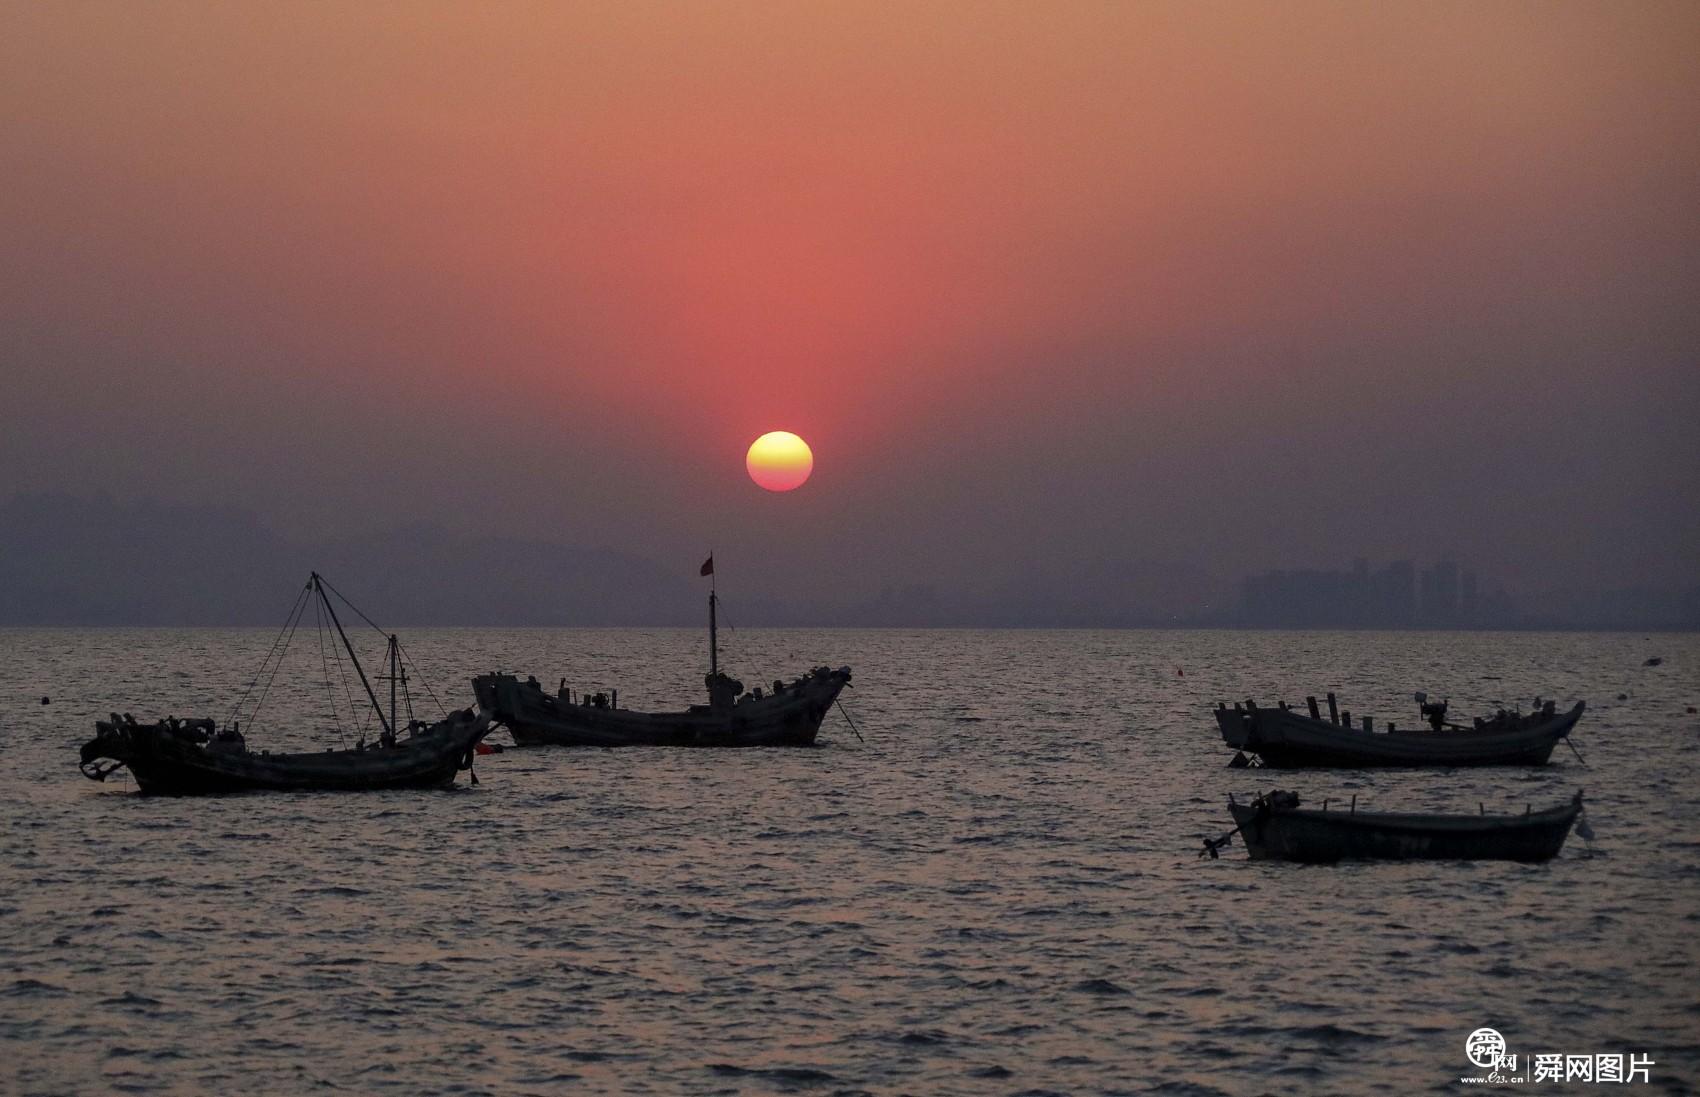 山东青岛:海滨迎来美丽夕阳